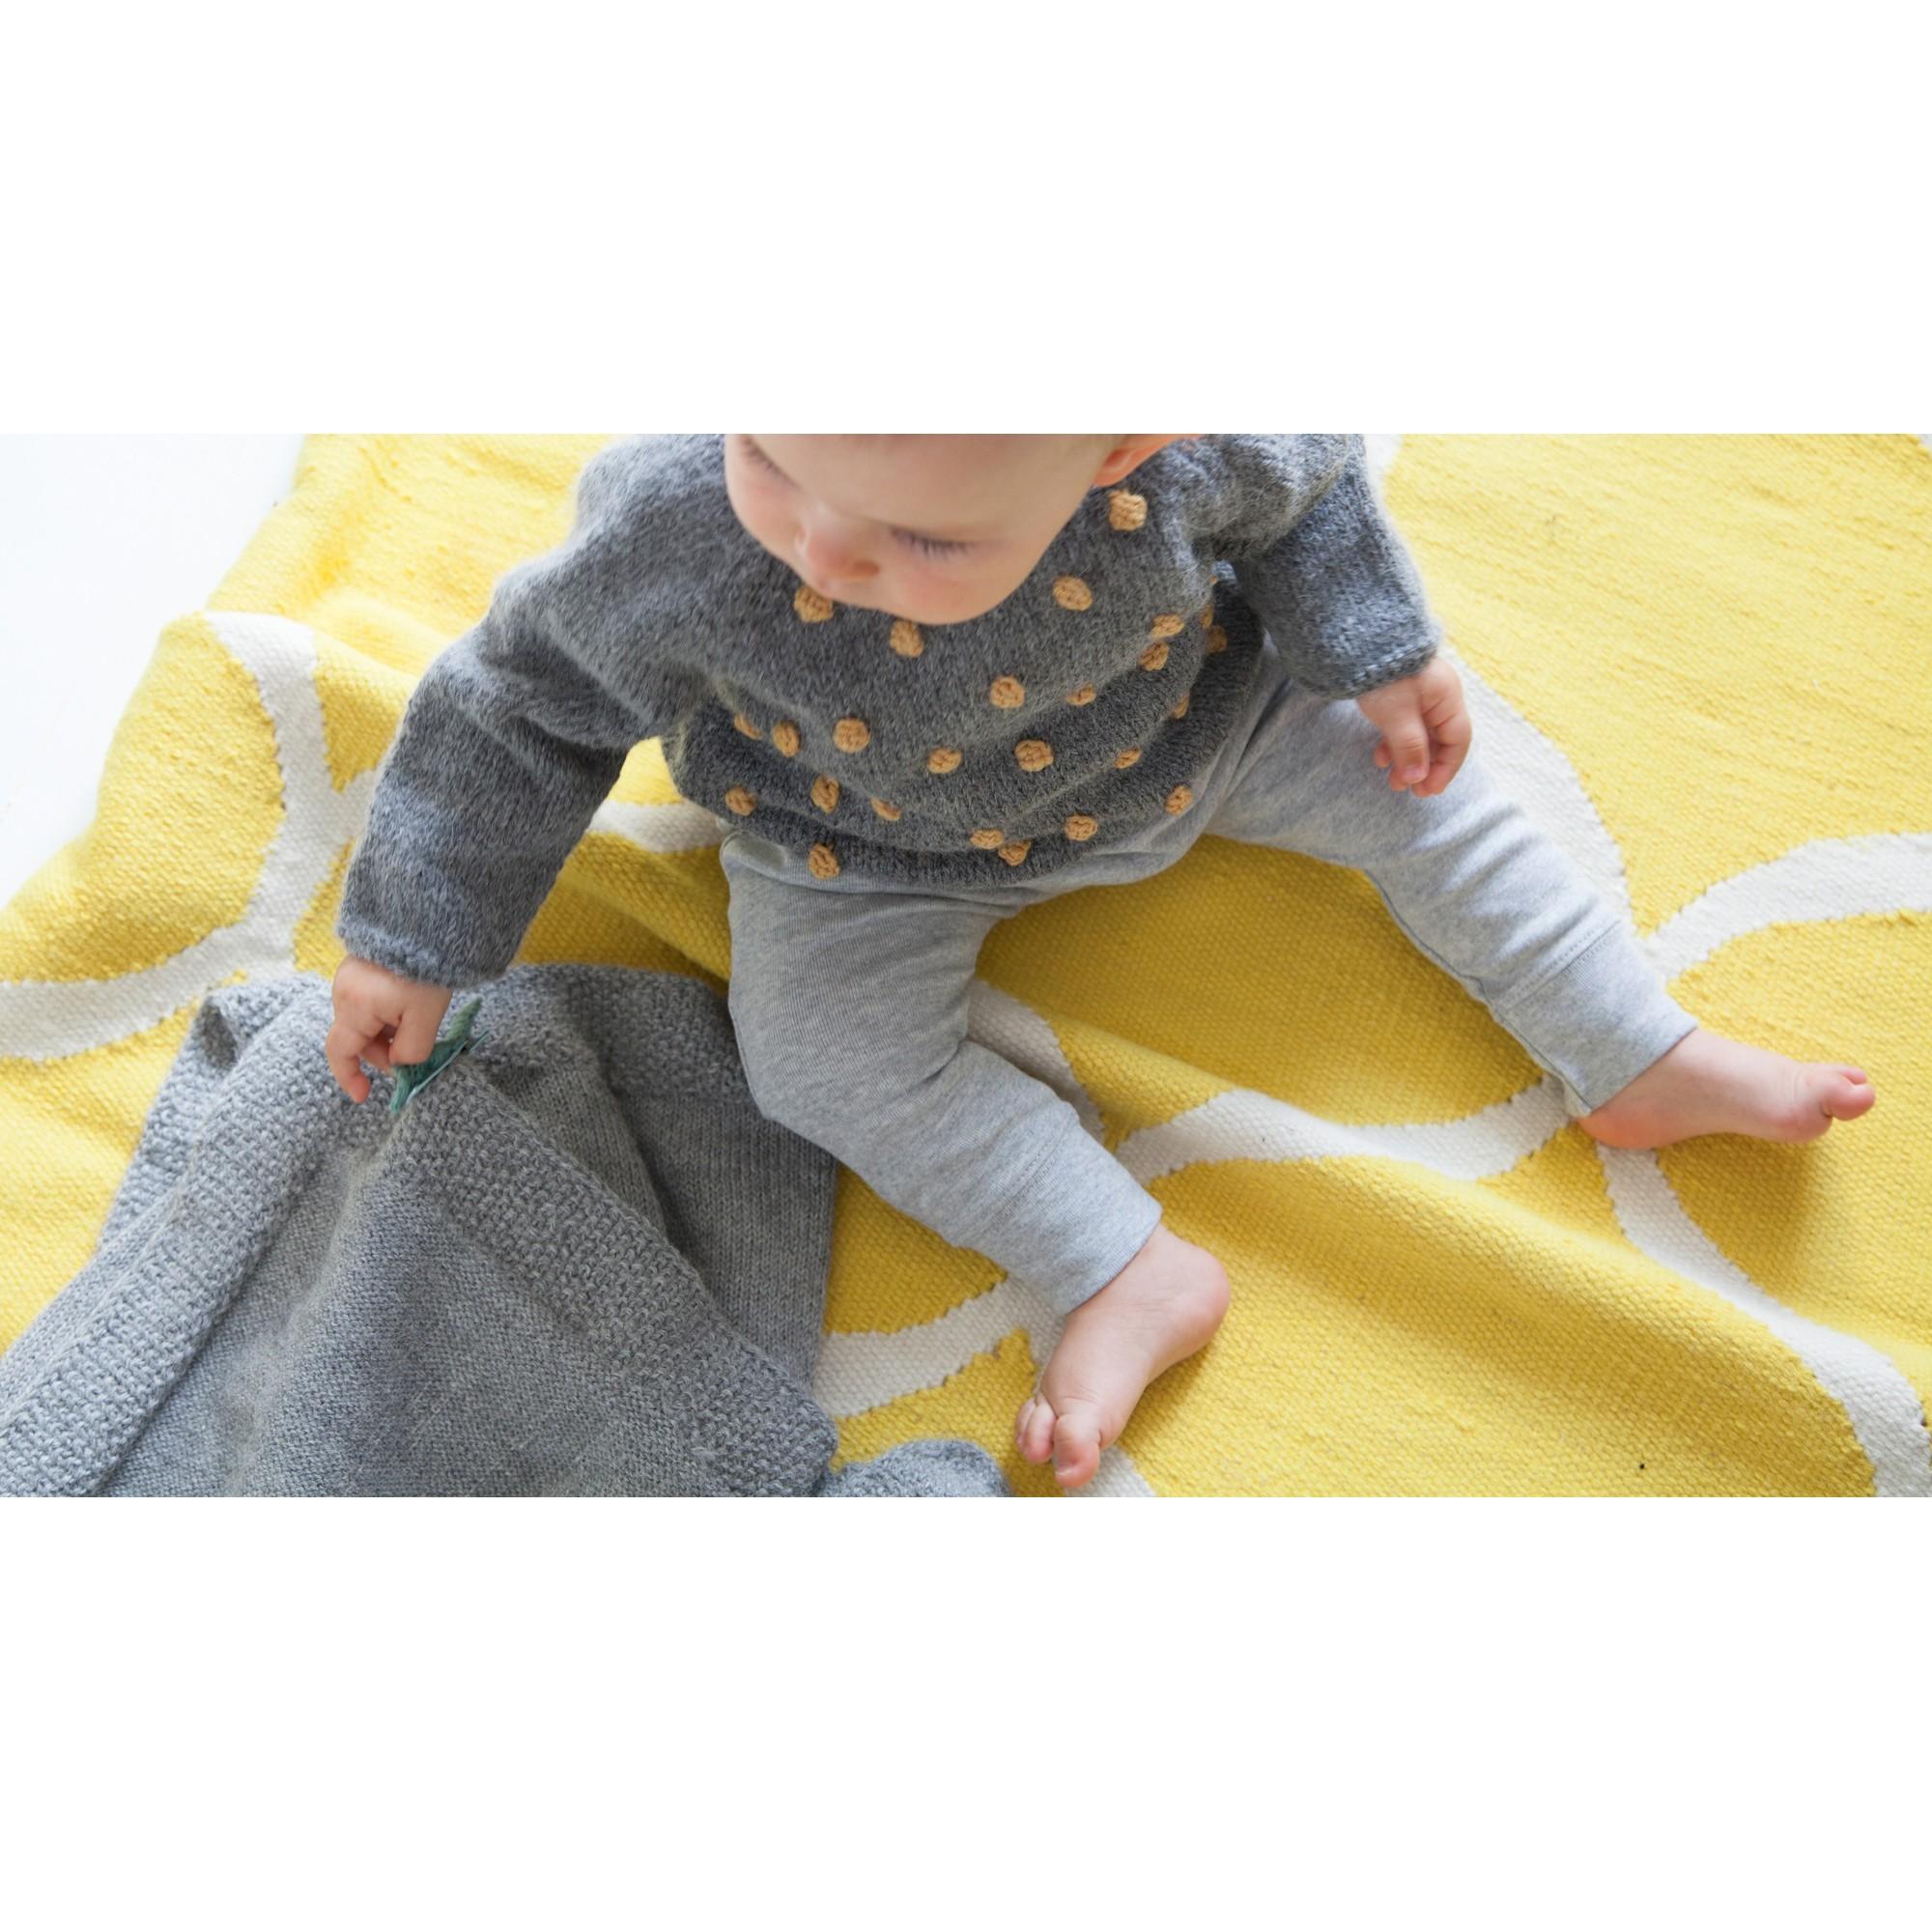 Pull Eugène bébé gris nopes jaune laine alpaga porté avec sarouel gris clair